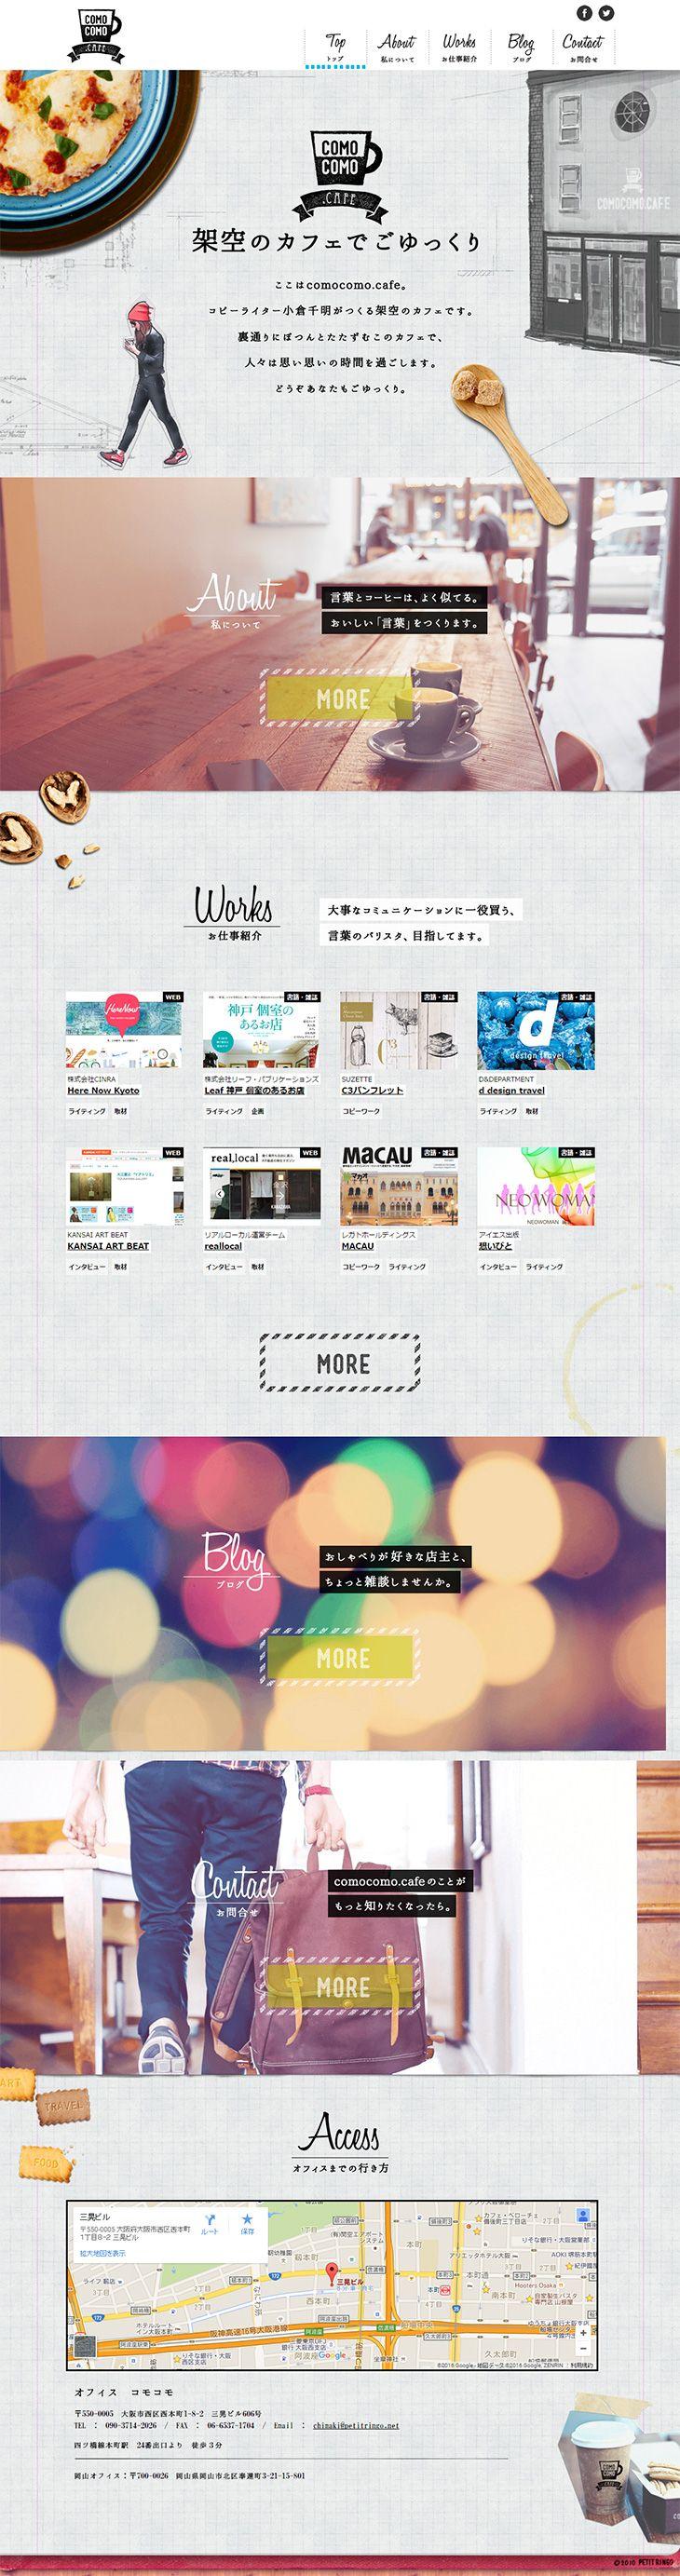 ランディングページ LP comocomo.cafe 〜架空のカフェでごゆっくり〜|サービス|自社サイト